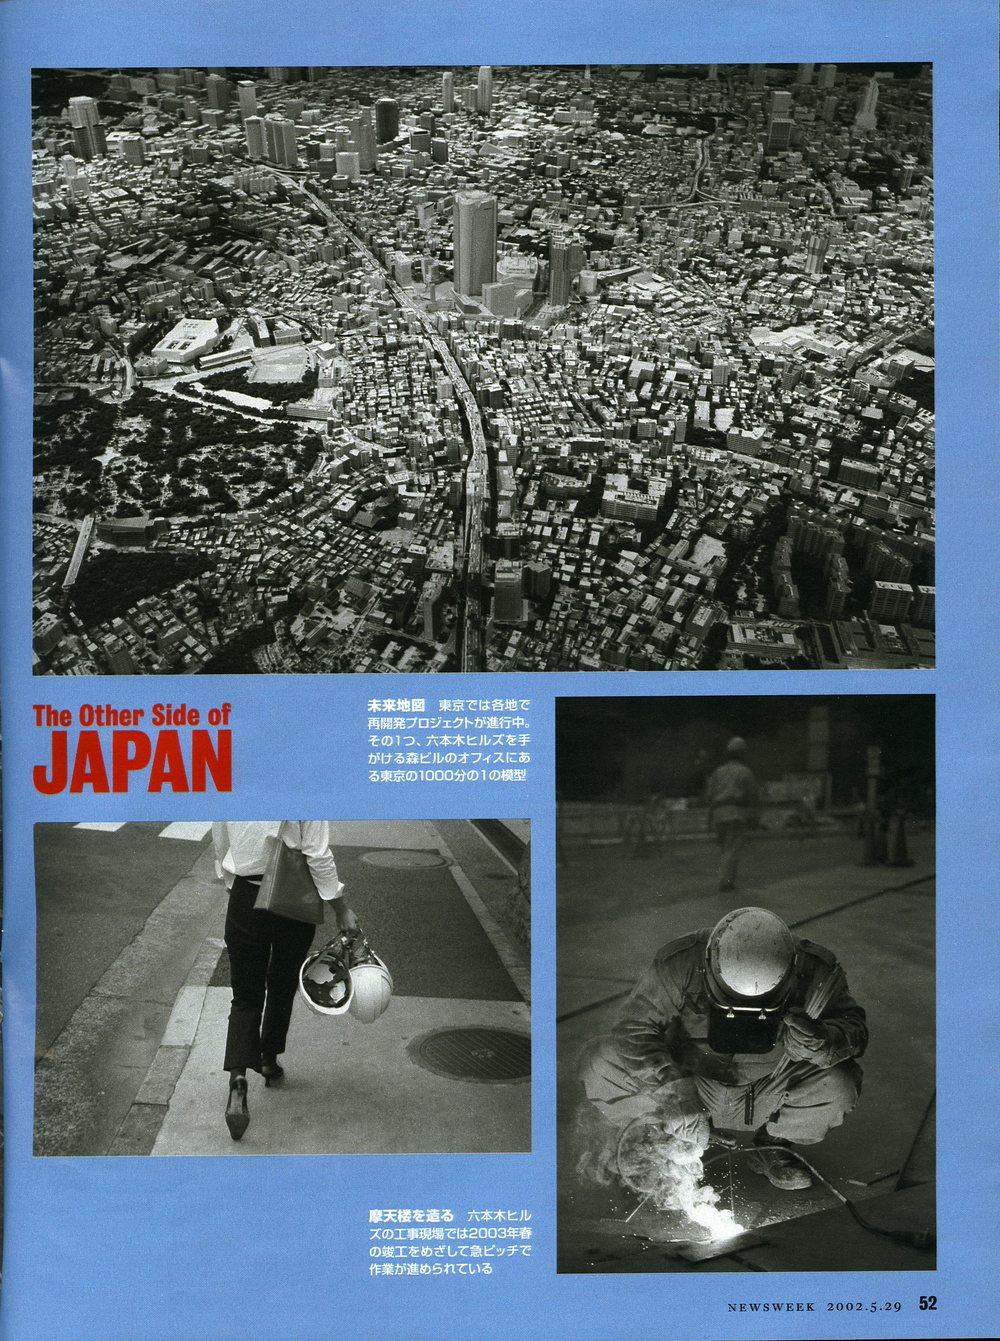 05292002_NEWSWEEK_JAPAN_15.jpg